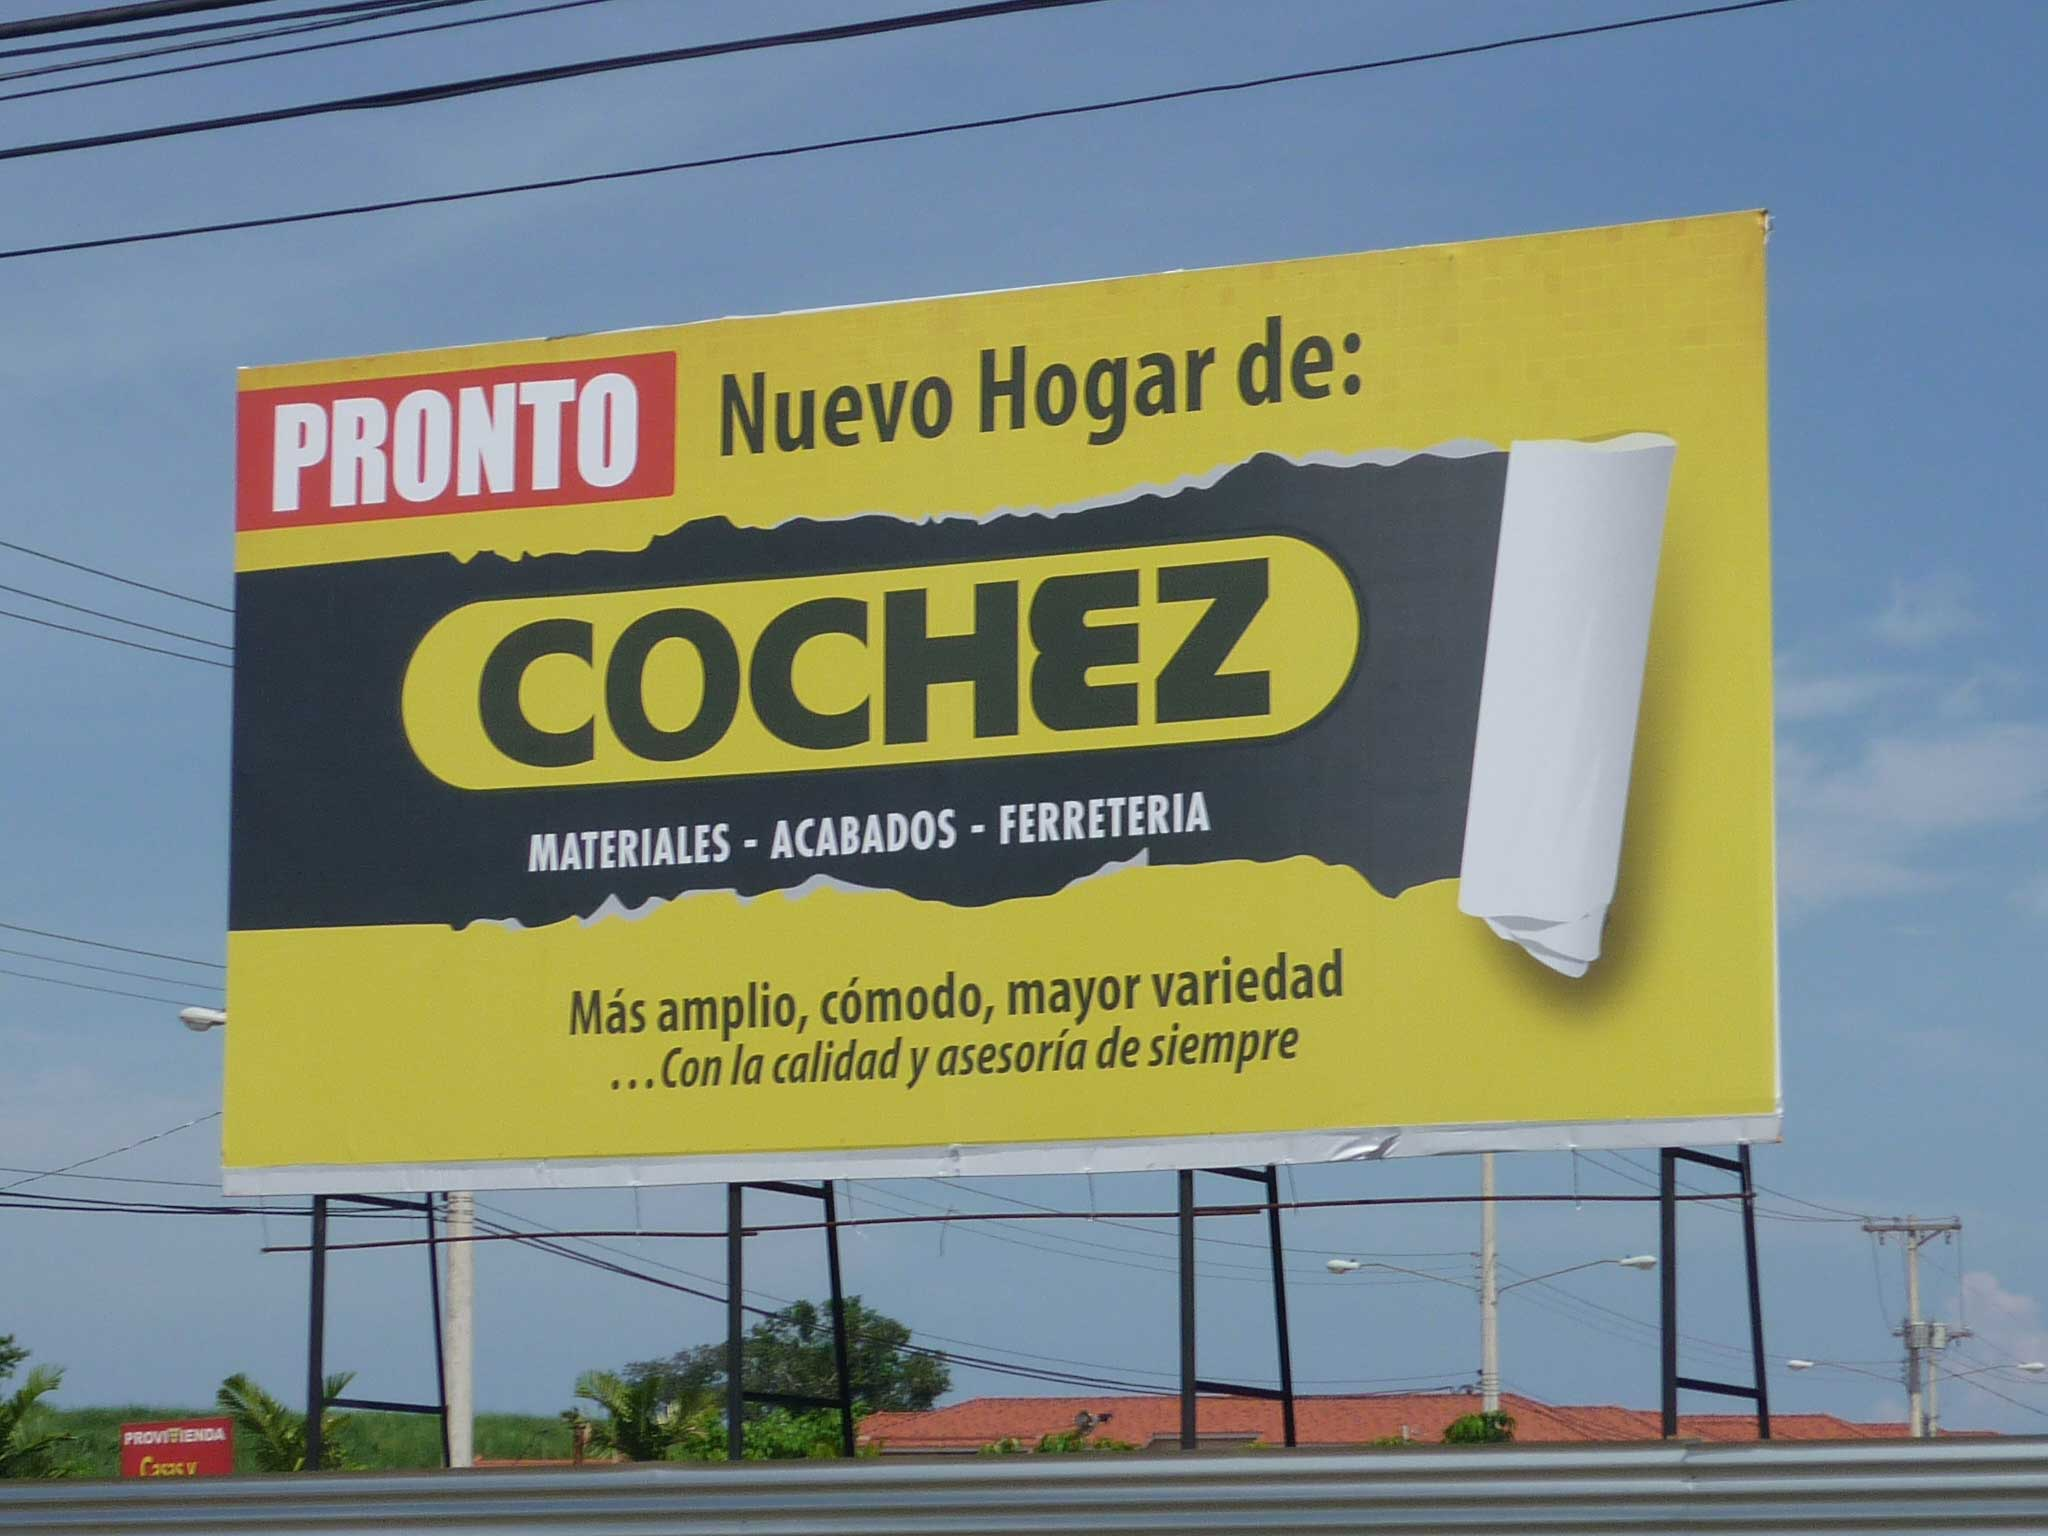 Imagen actual publicidad exterior en panam - Imagen de vallas ...